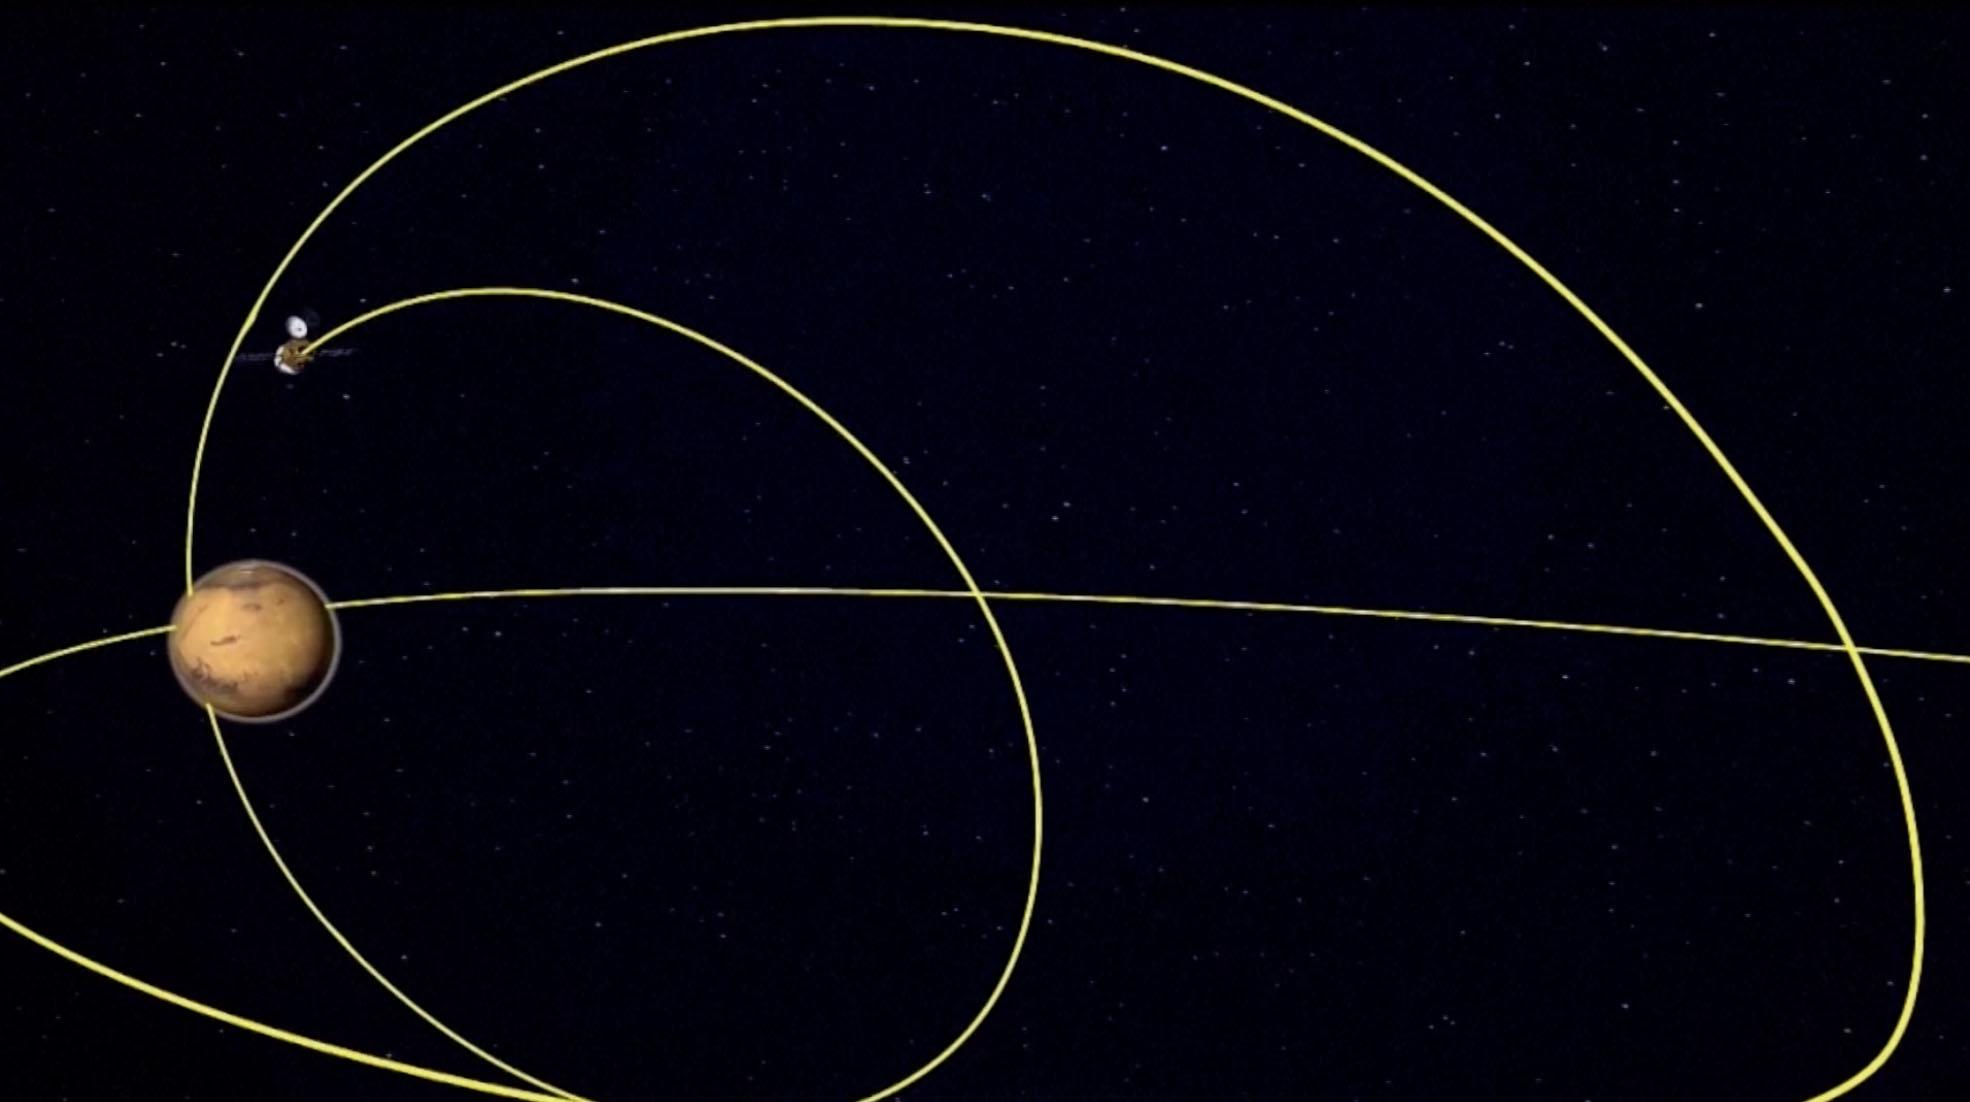 La mission chinoise Tianwen-1 Mars entre en orbite autour de la planète rouge dans cette image tirée d'une animation vidéo.  Tianwen-1, la première mission chinoise sur Mars, est arrivée sur Mars le 10 février 2021.